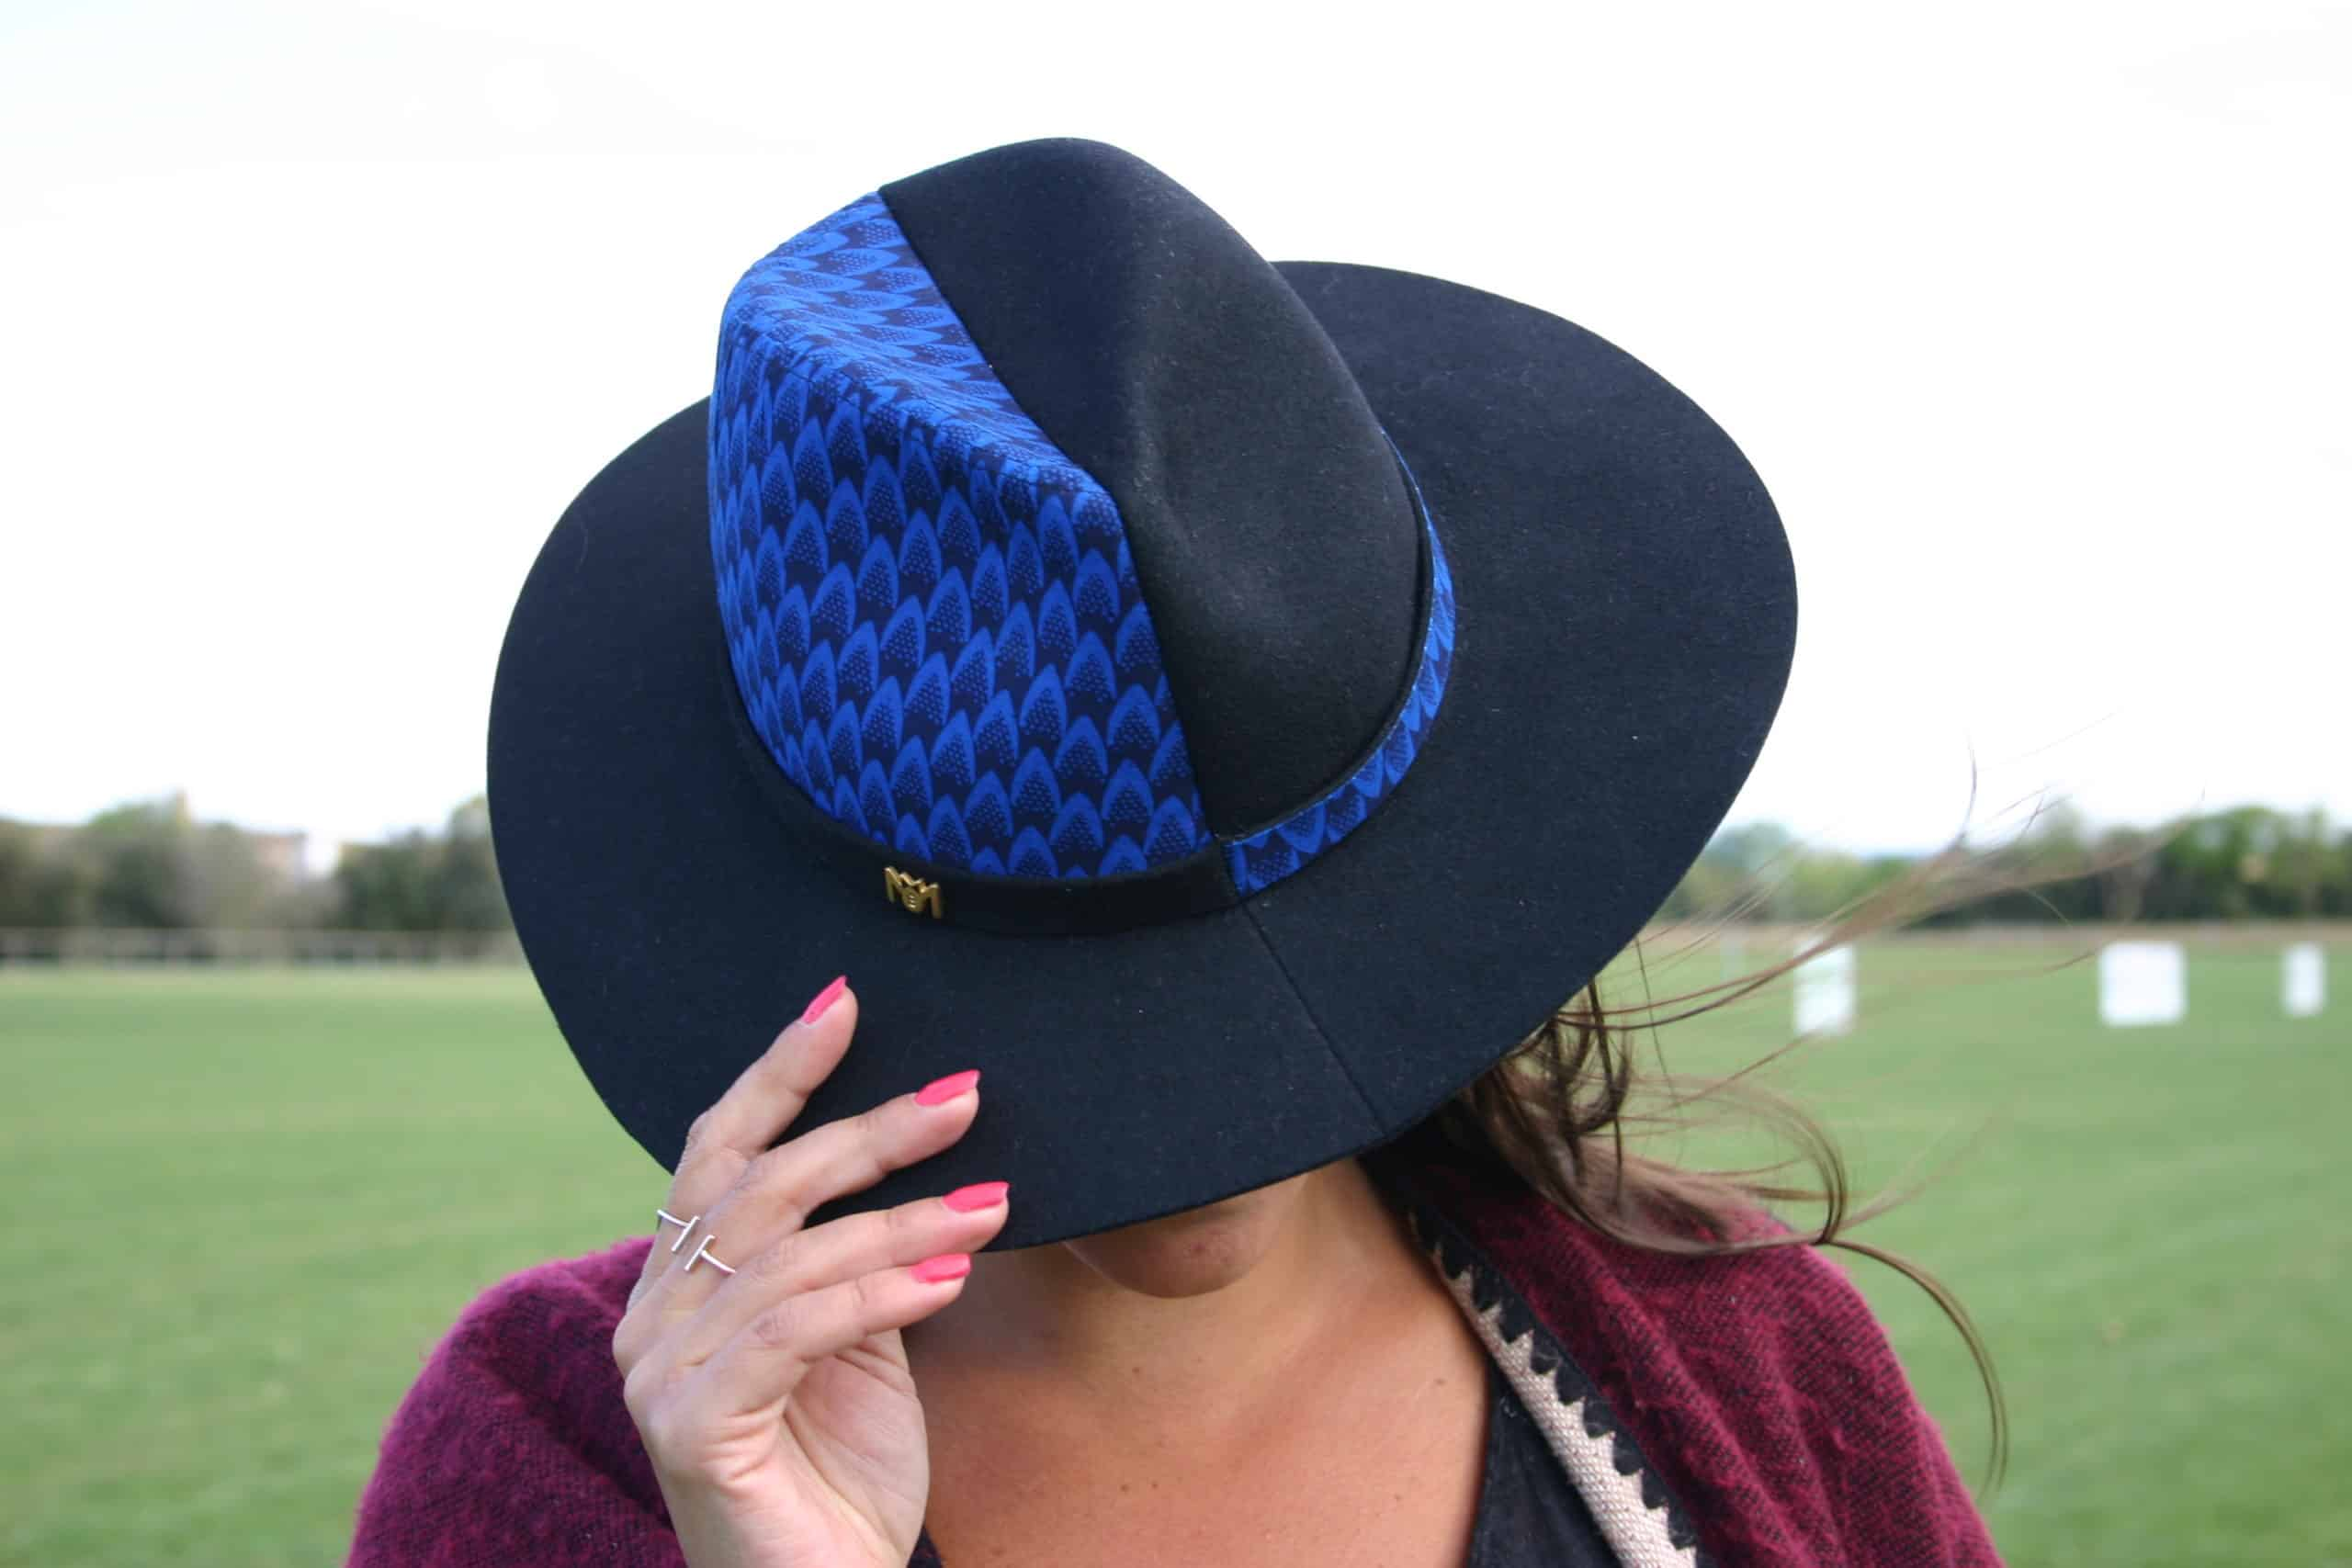 sombrero half minime paris blackhats moda complementos hombre mujer hecho a mano wax